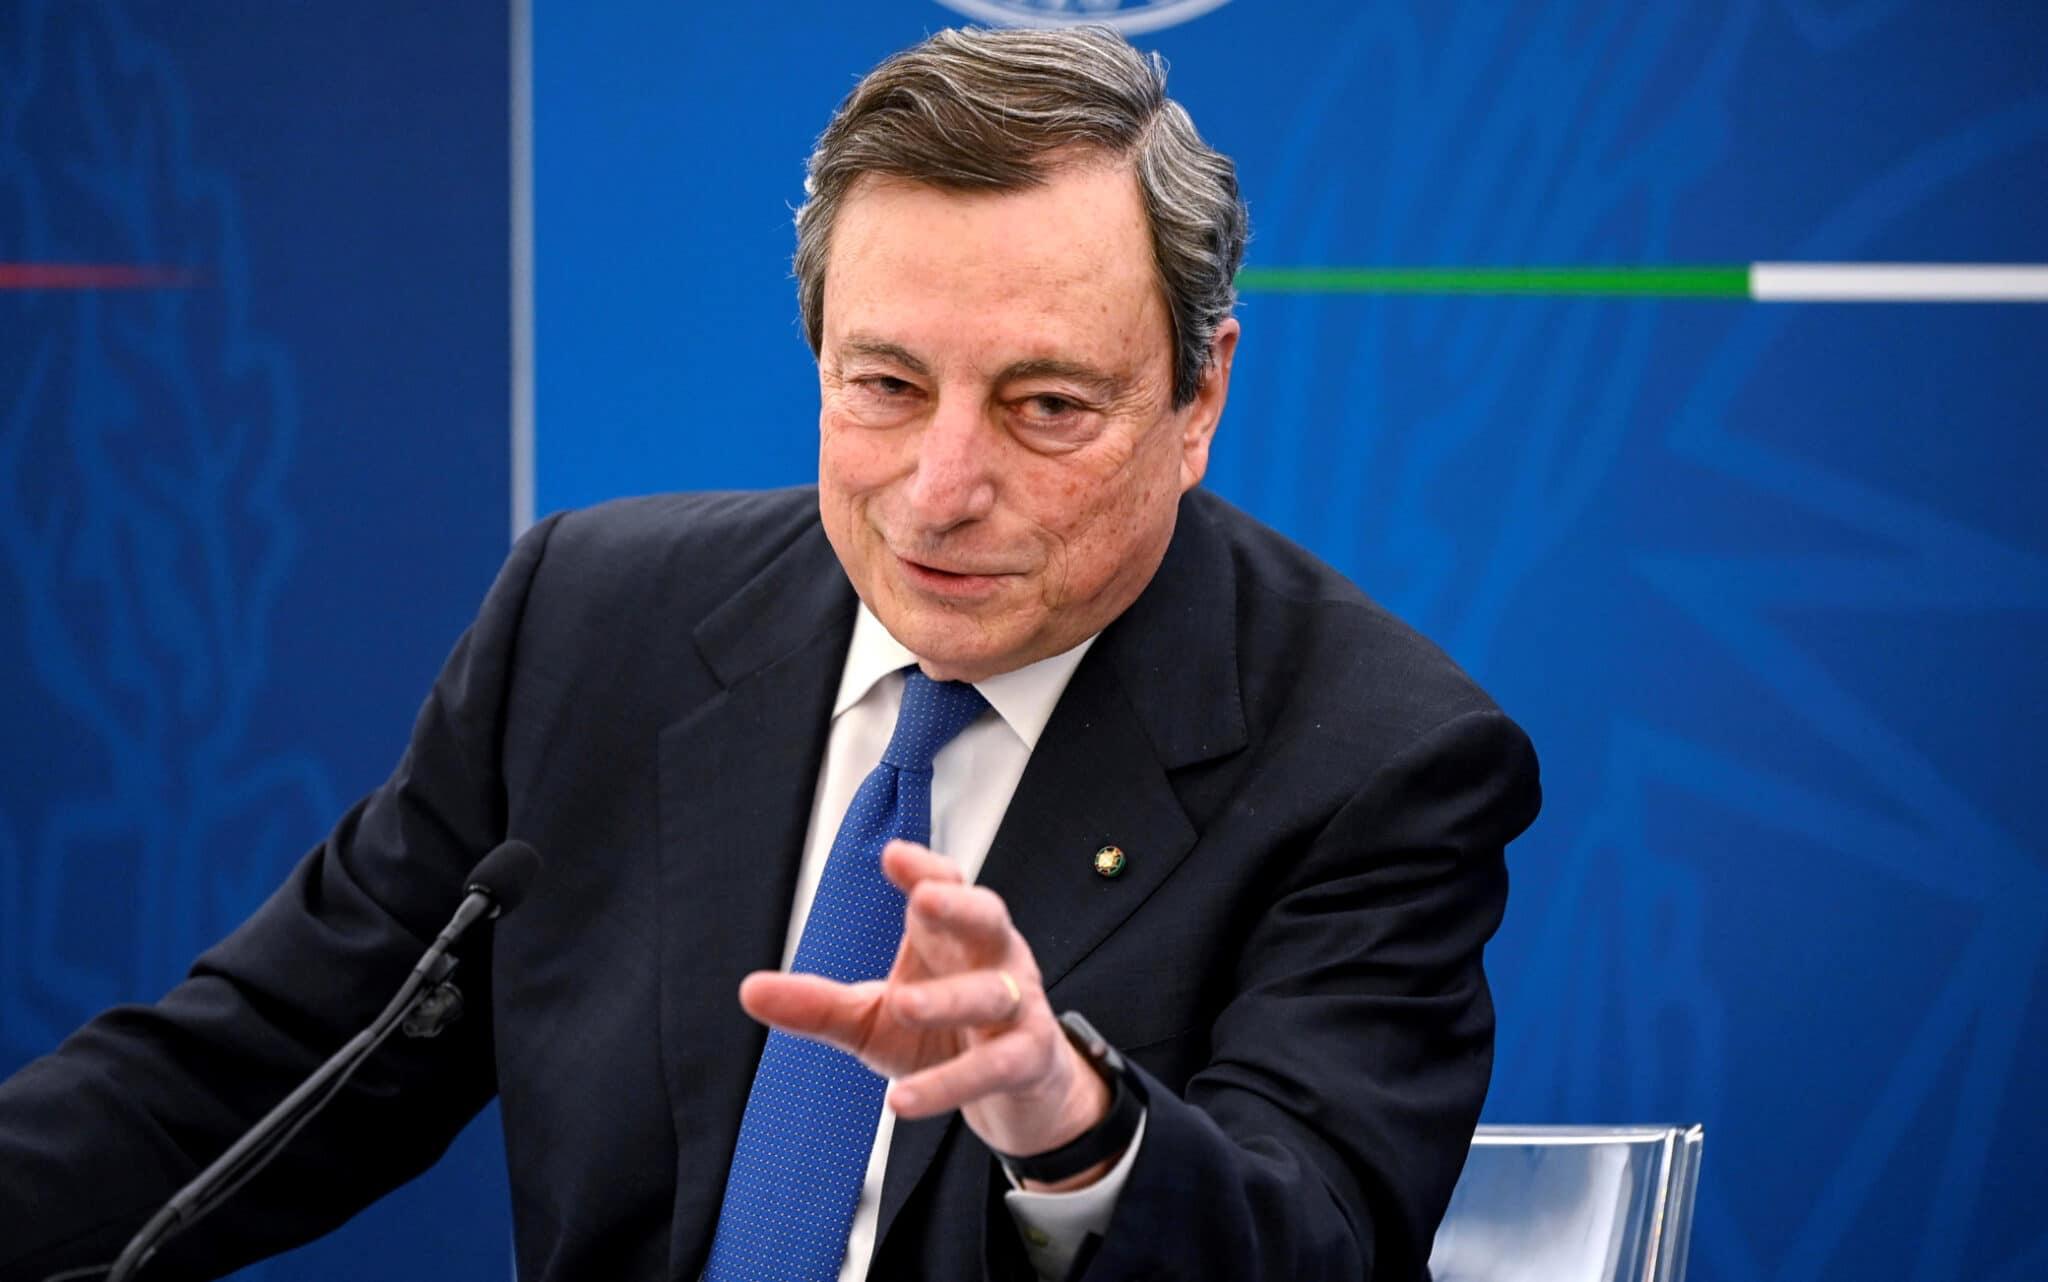 """""""Se non ti vaccini, contagi e fai morire"""", """"il Green Pass garantisce di ritrovarsi con persone non contagiose"""". Il Messia Draghi le spara grosse. Pure gli immunizzati infettano. Allora a cosa serve il Green Pass?"""